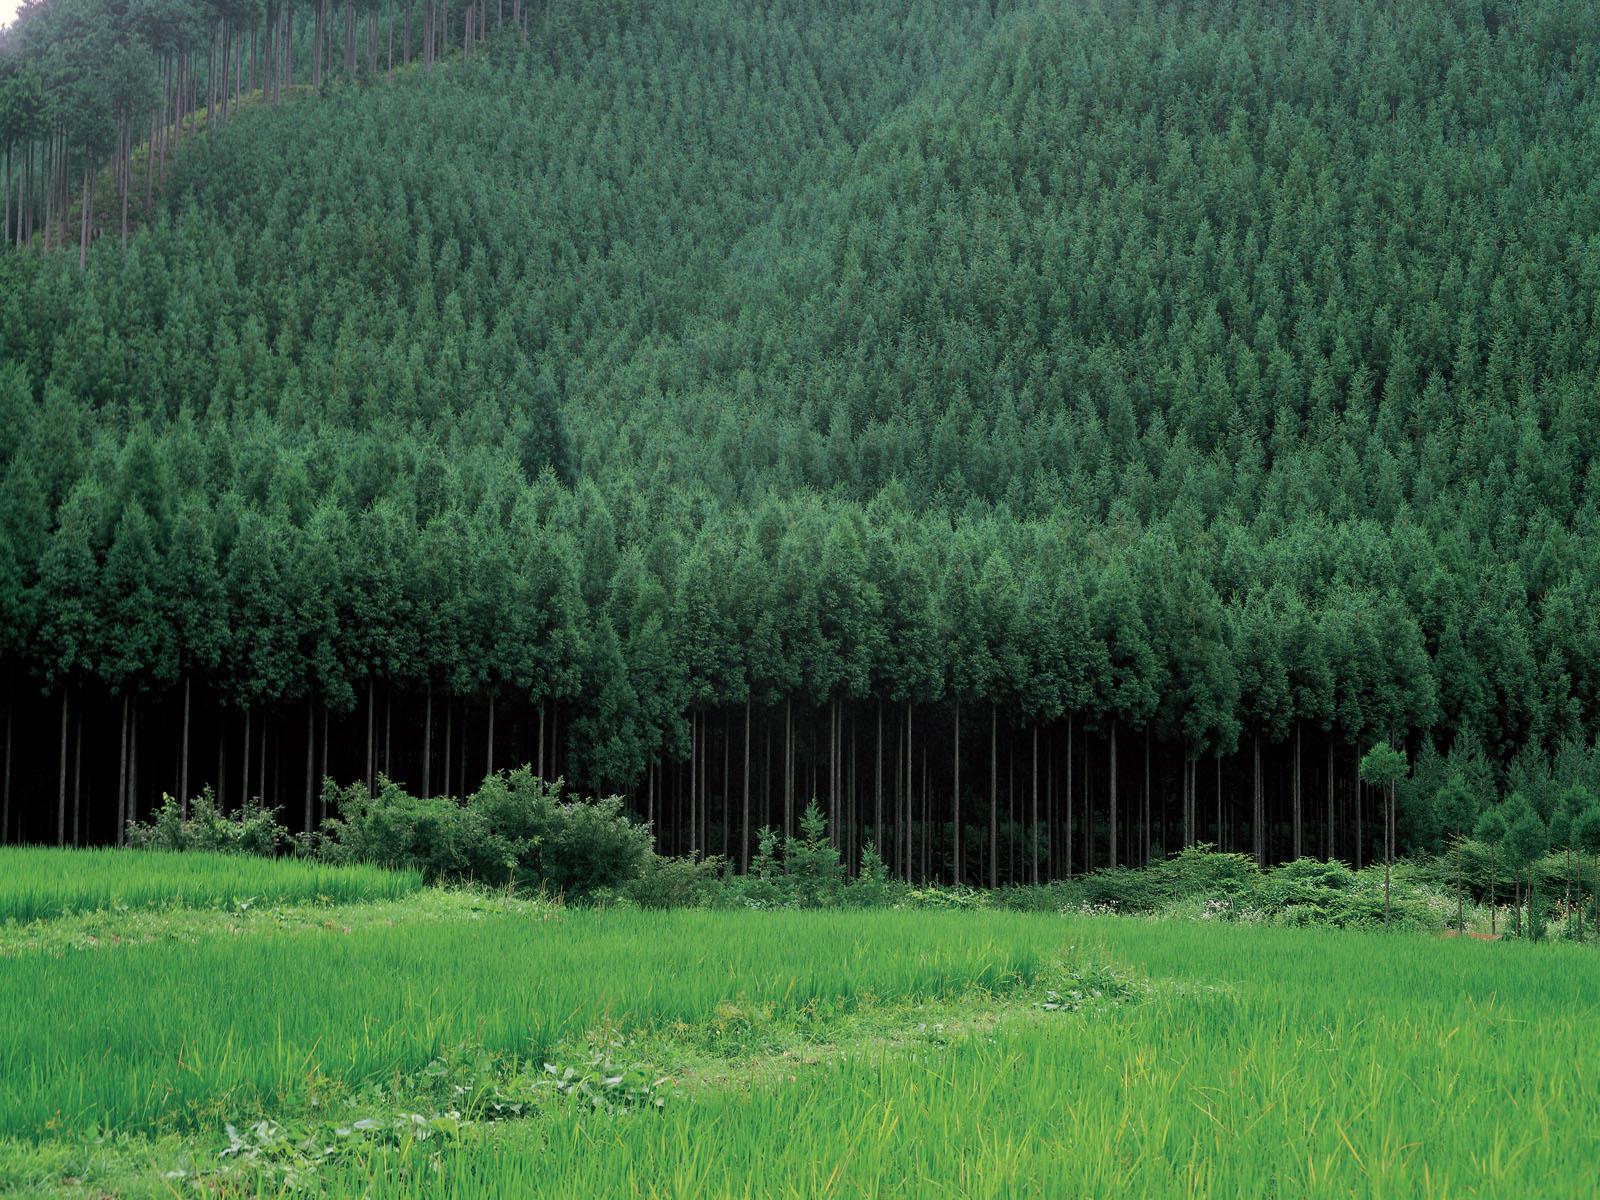 美丽韩国户外风景手机壁纸